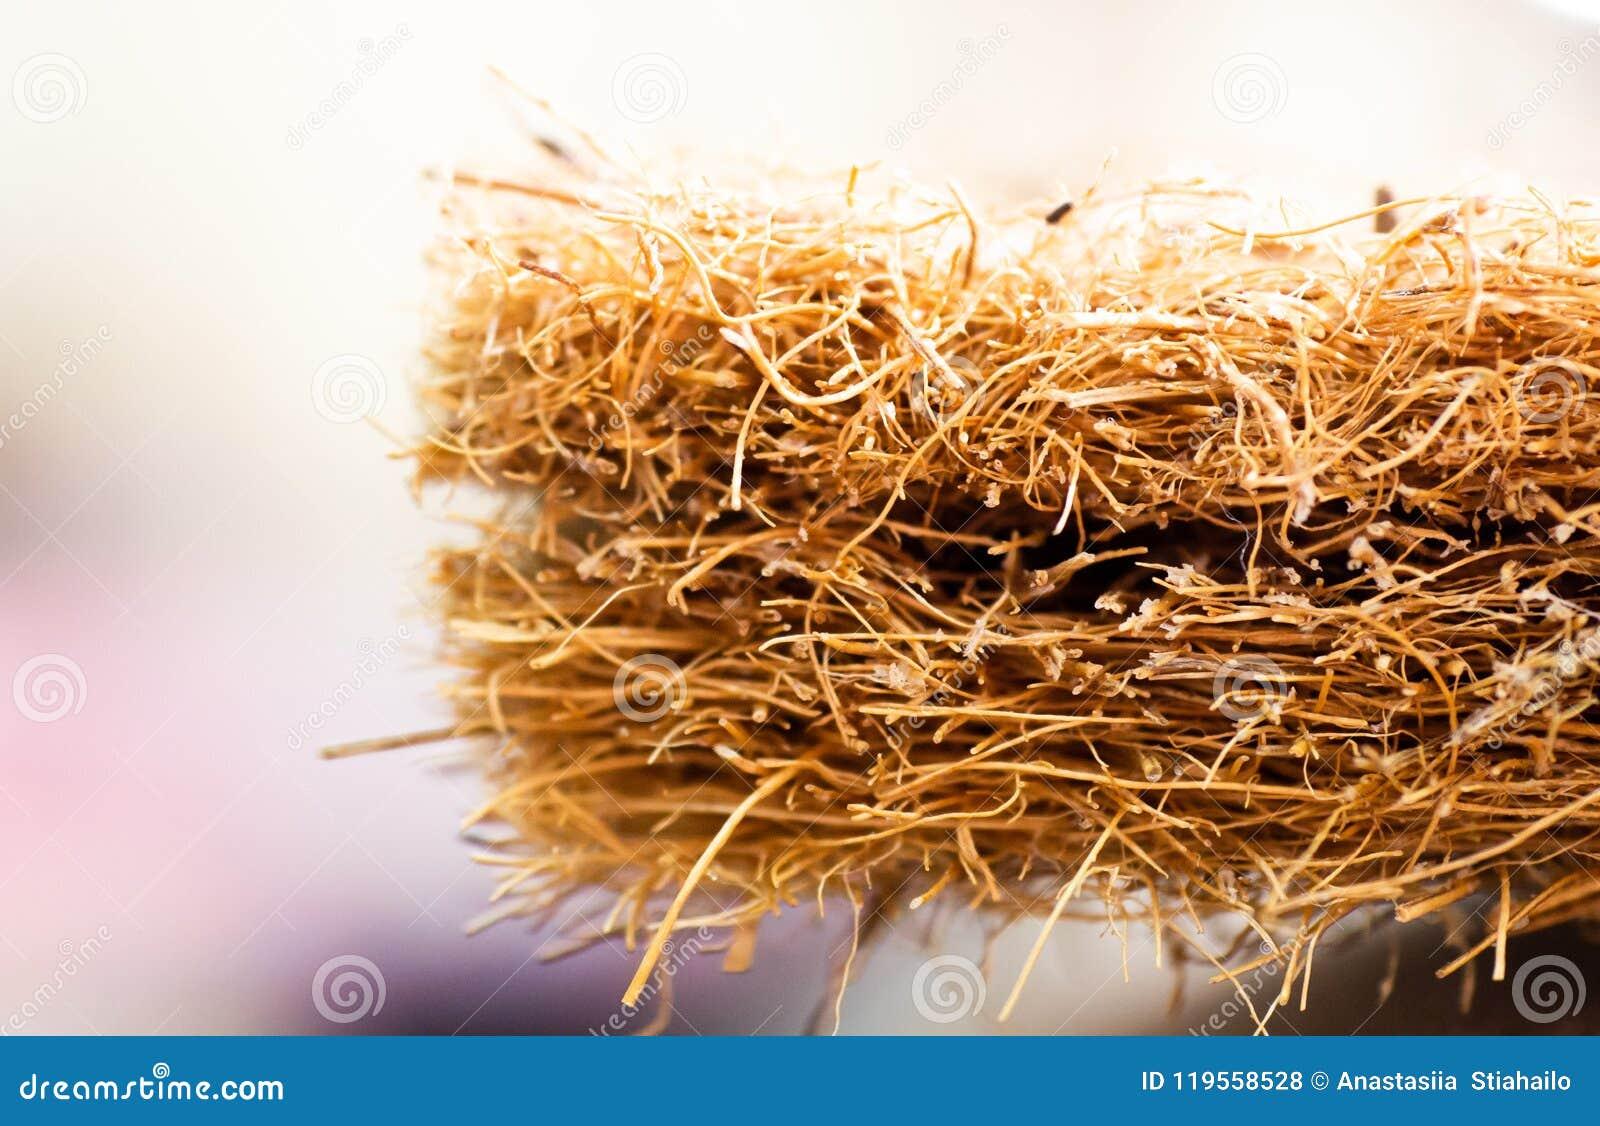 Matras met kokosvezel Kokosnotencoir Geraspte kokosnotenshell voor de productie van matrassen Textuur, natuurlijke achtergrond